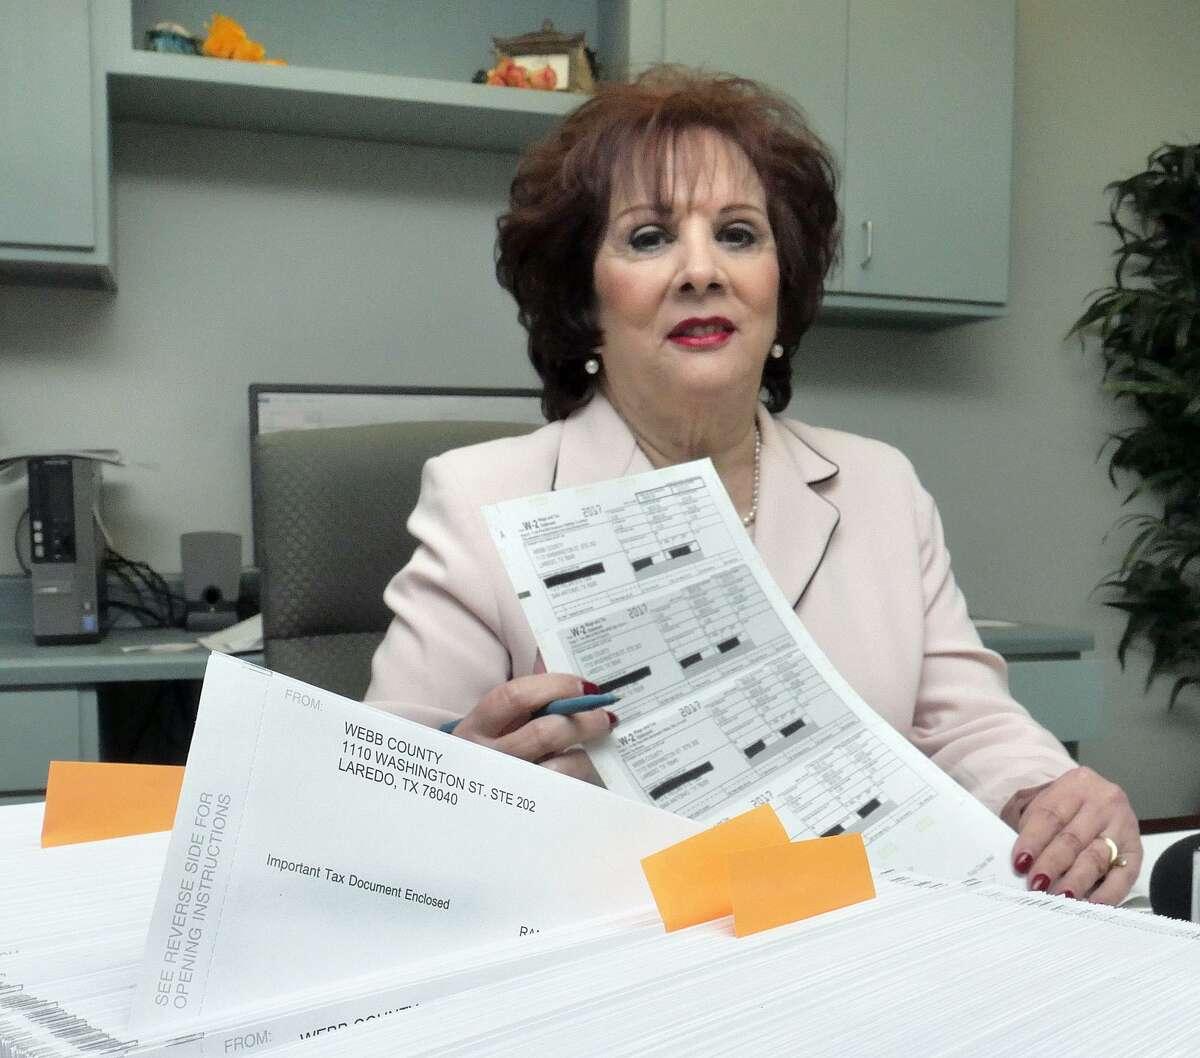 ARCHIVO - La tesorera del Condado de Webb Delia Perales atiende a miembros de la prensa en su oficina, el jueves 28 de diciembre de 2017.